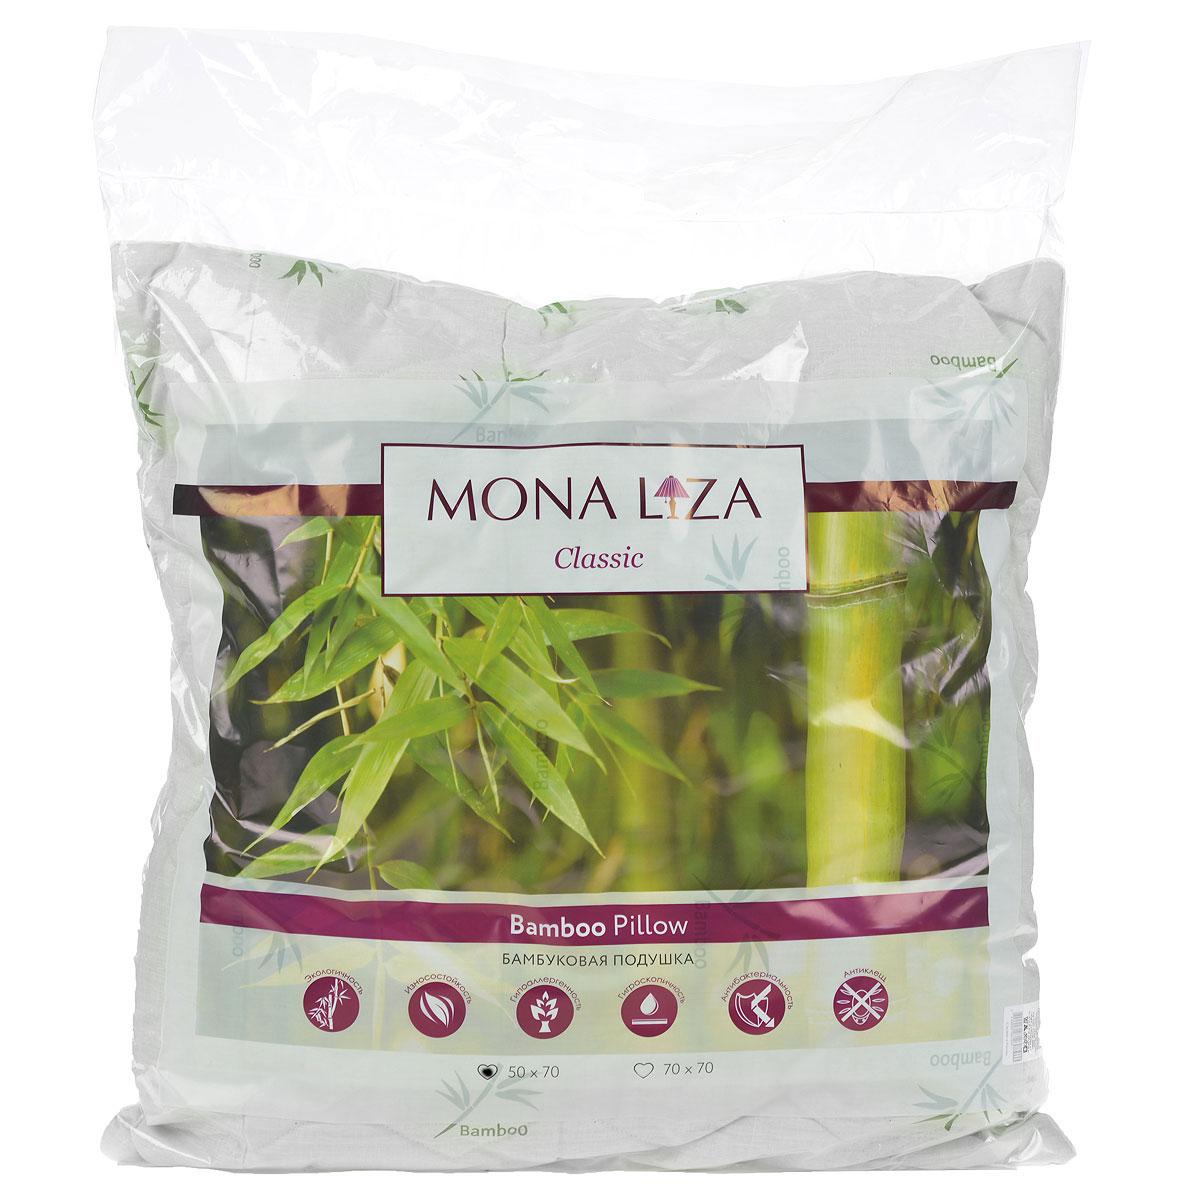 Подушка Mona Liza, цвет: белый, 50 х 70 см. 539414 подушка mona liza цвет белый 50 х 70 см 539414